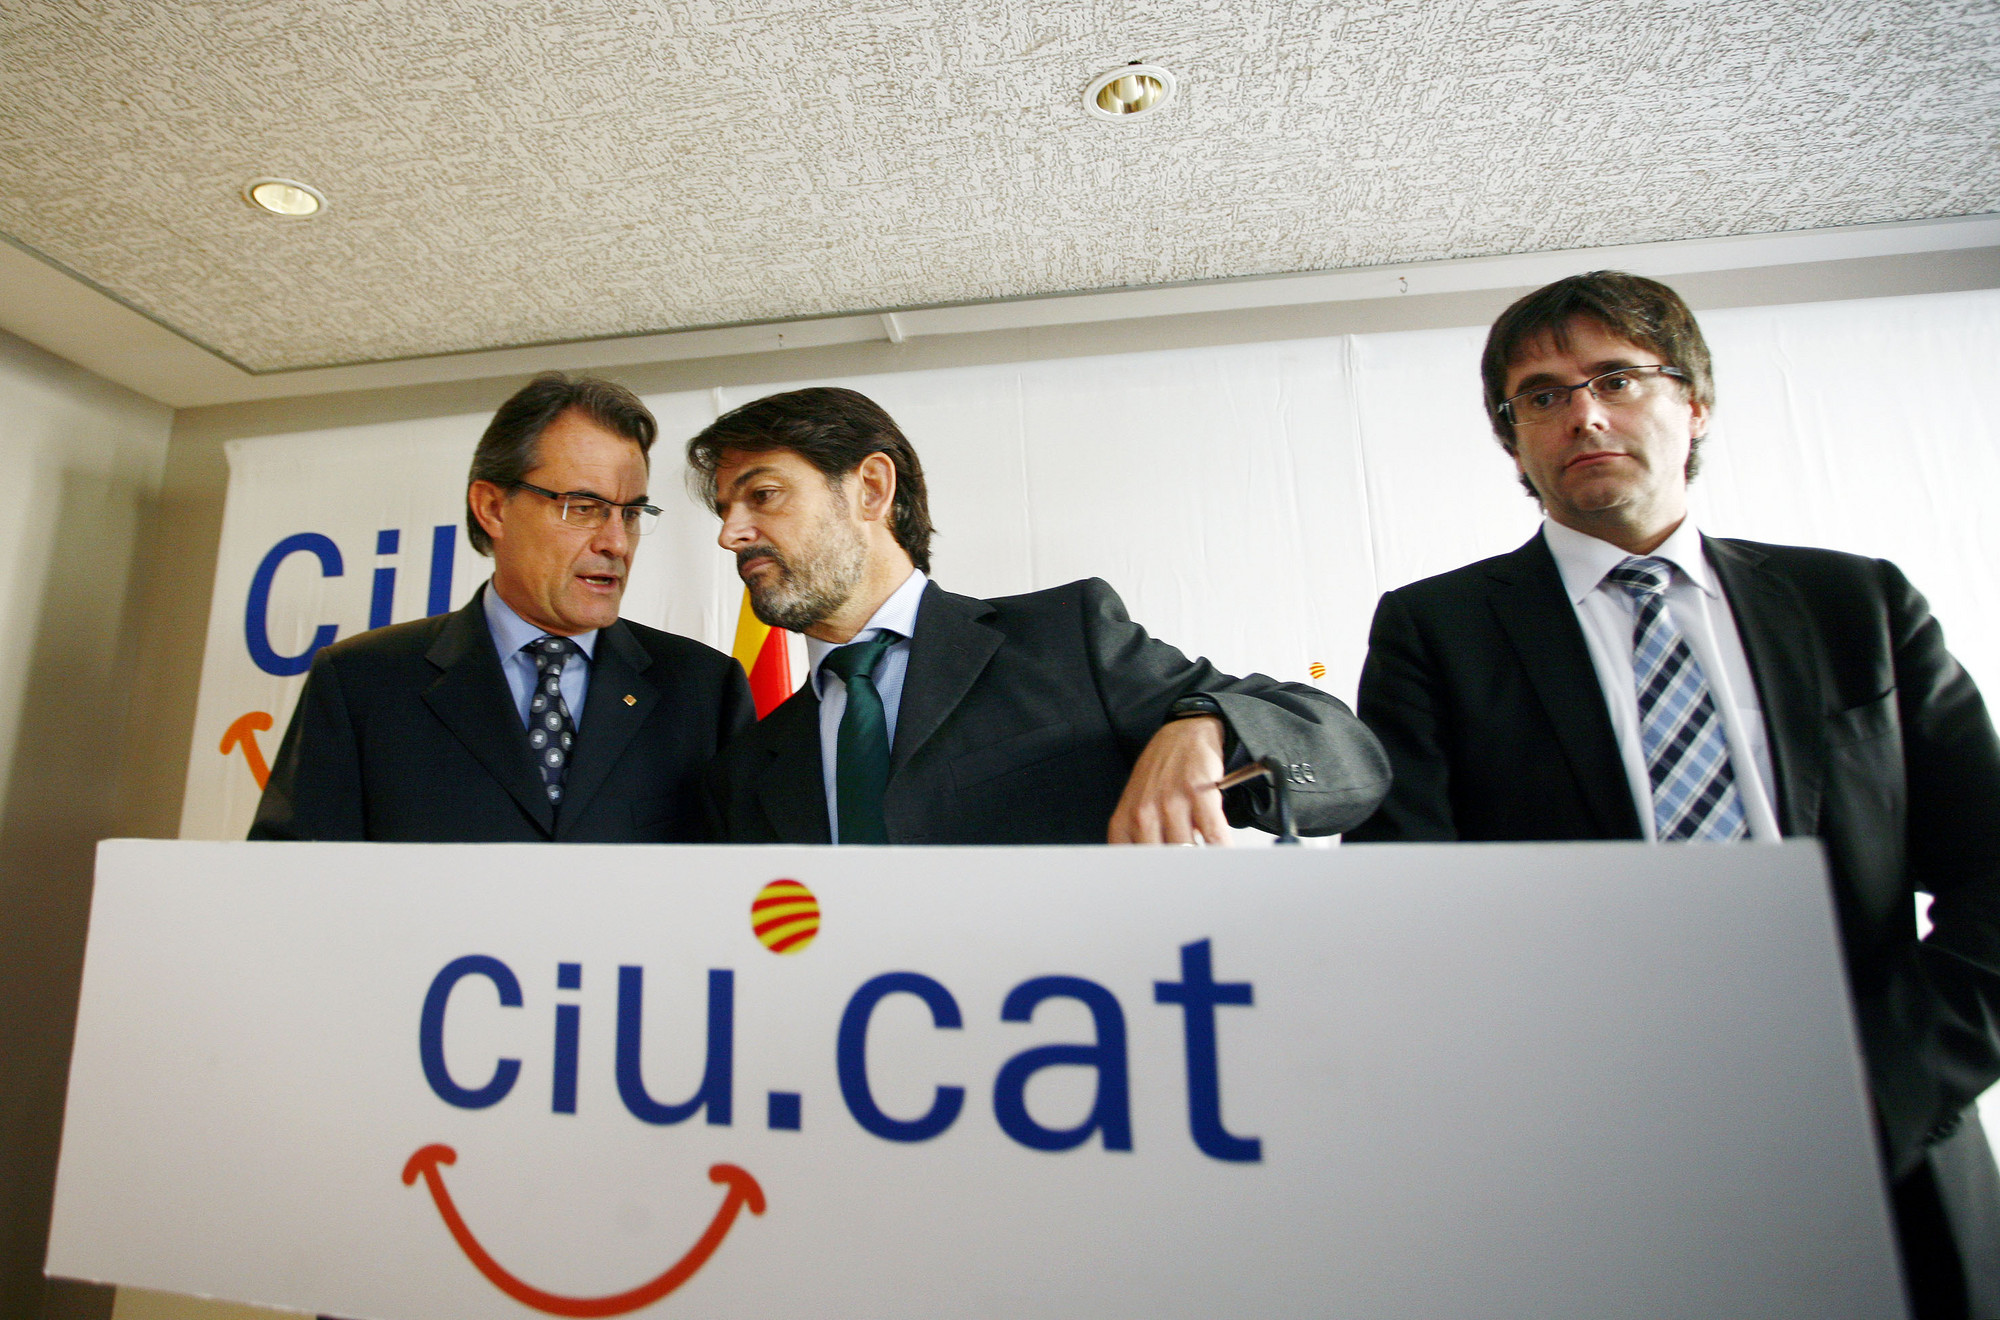 Los Pujol, Mas y Puigdemont, tres patas de la pocilga catalana